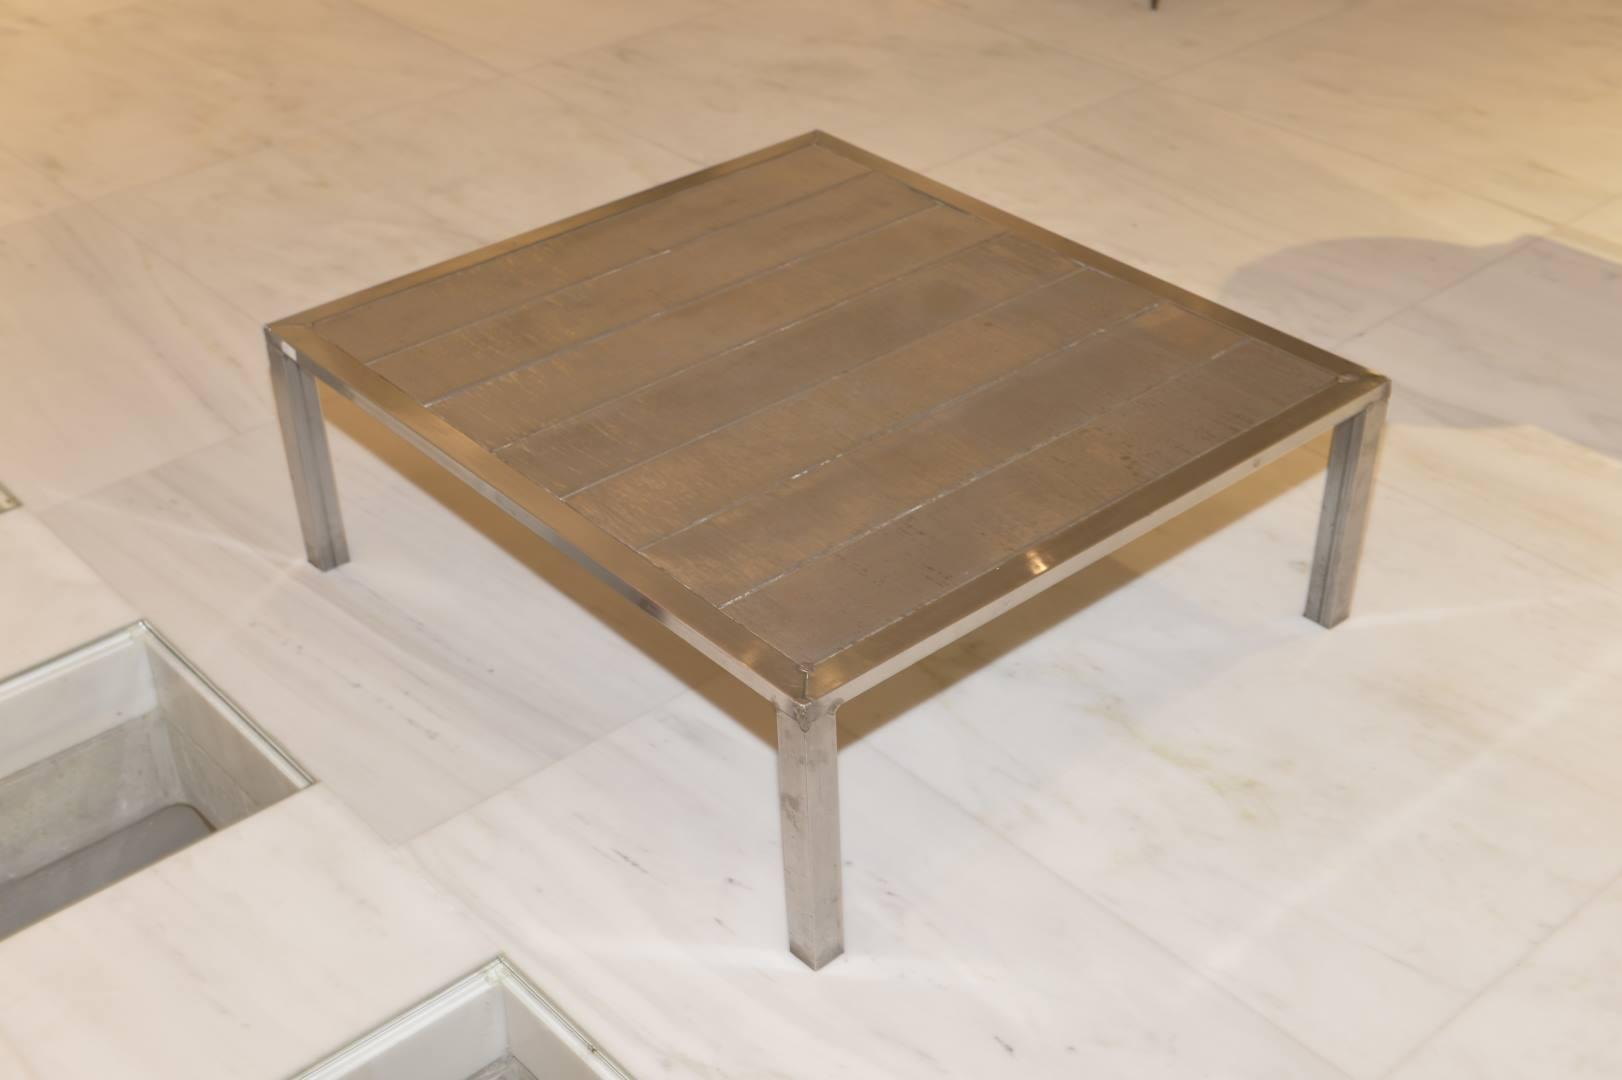 TABLE BASSE,ACIER INOXYDABLE